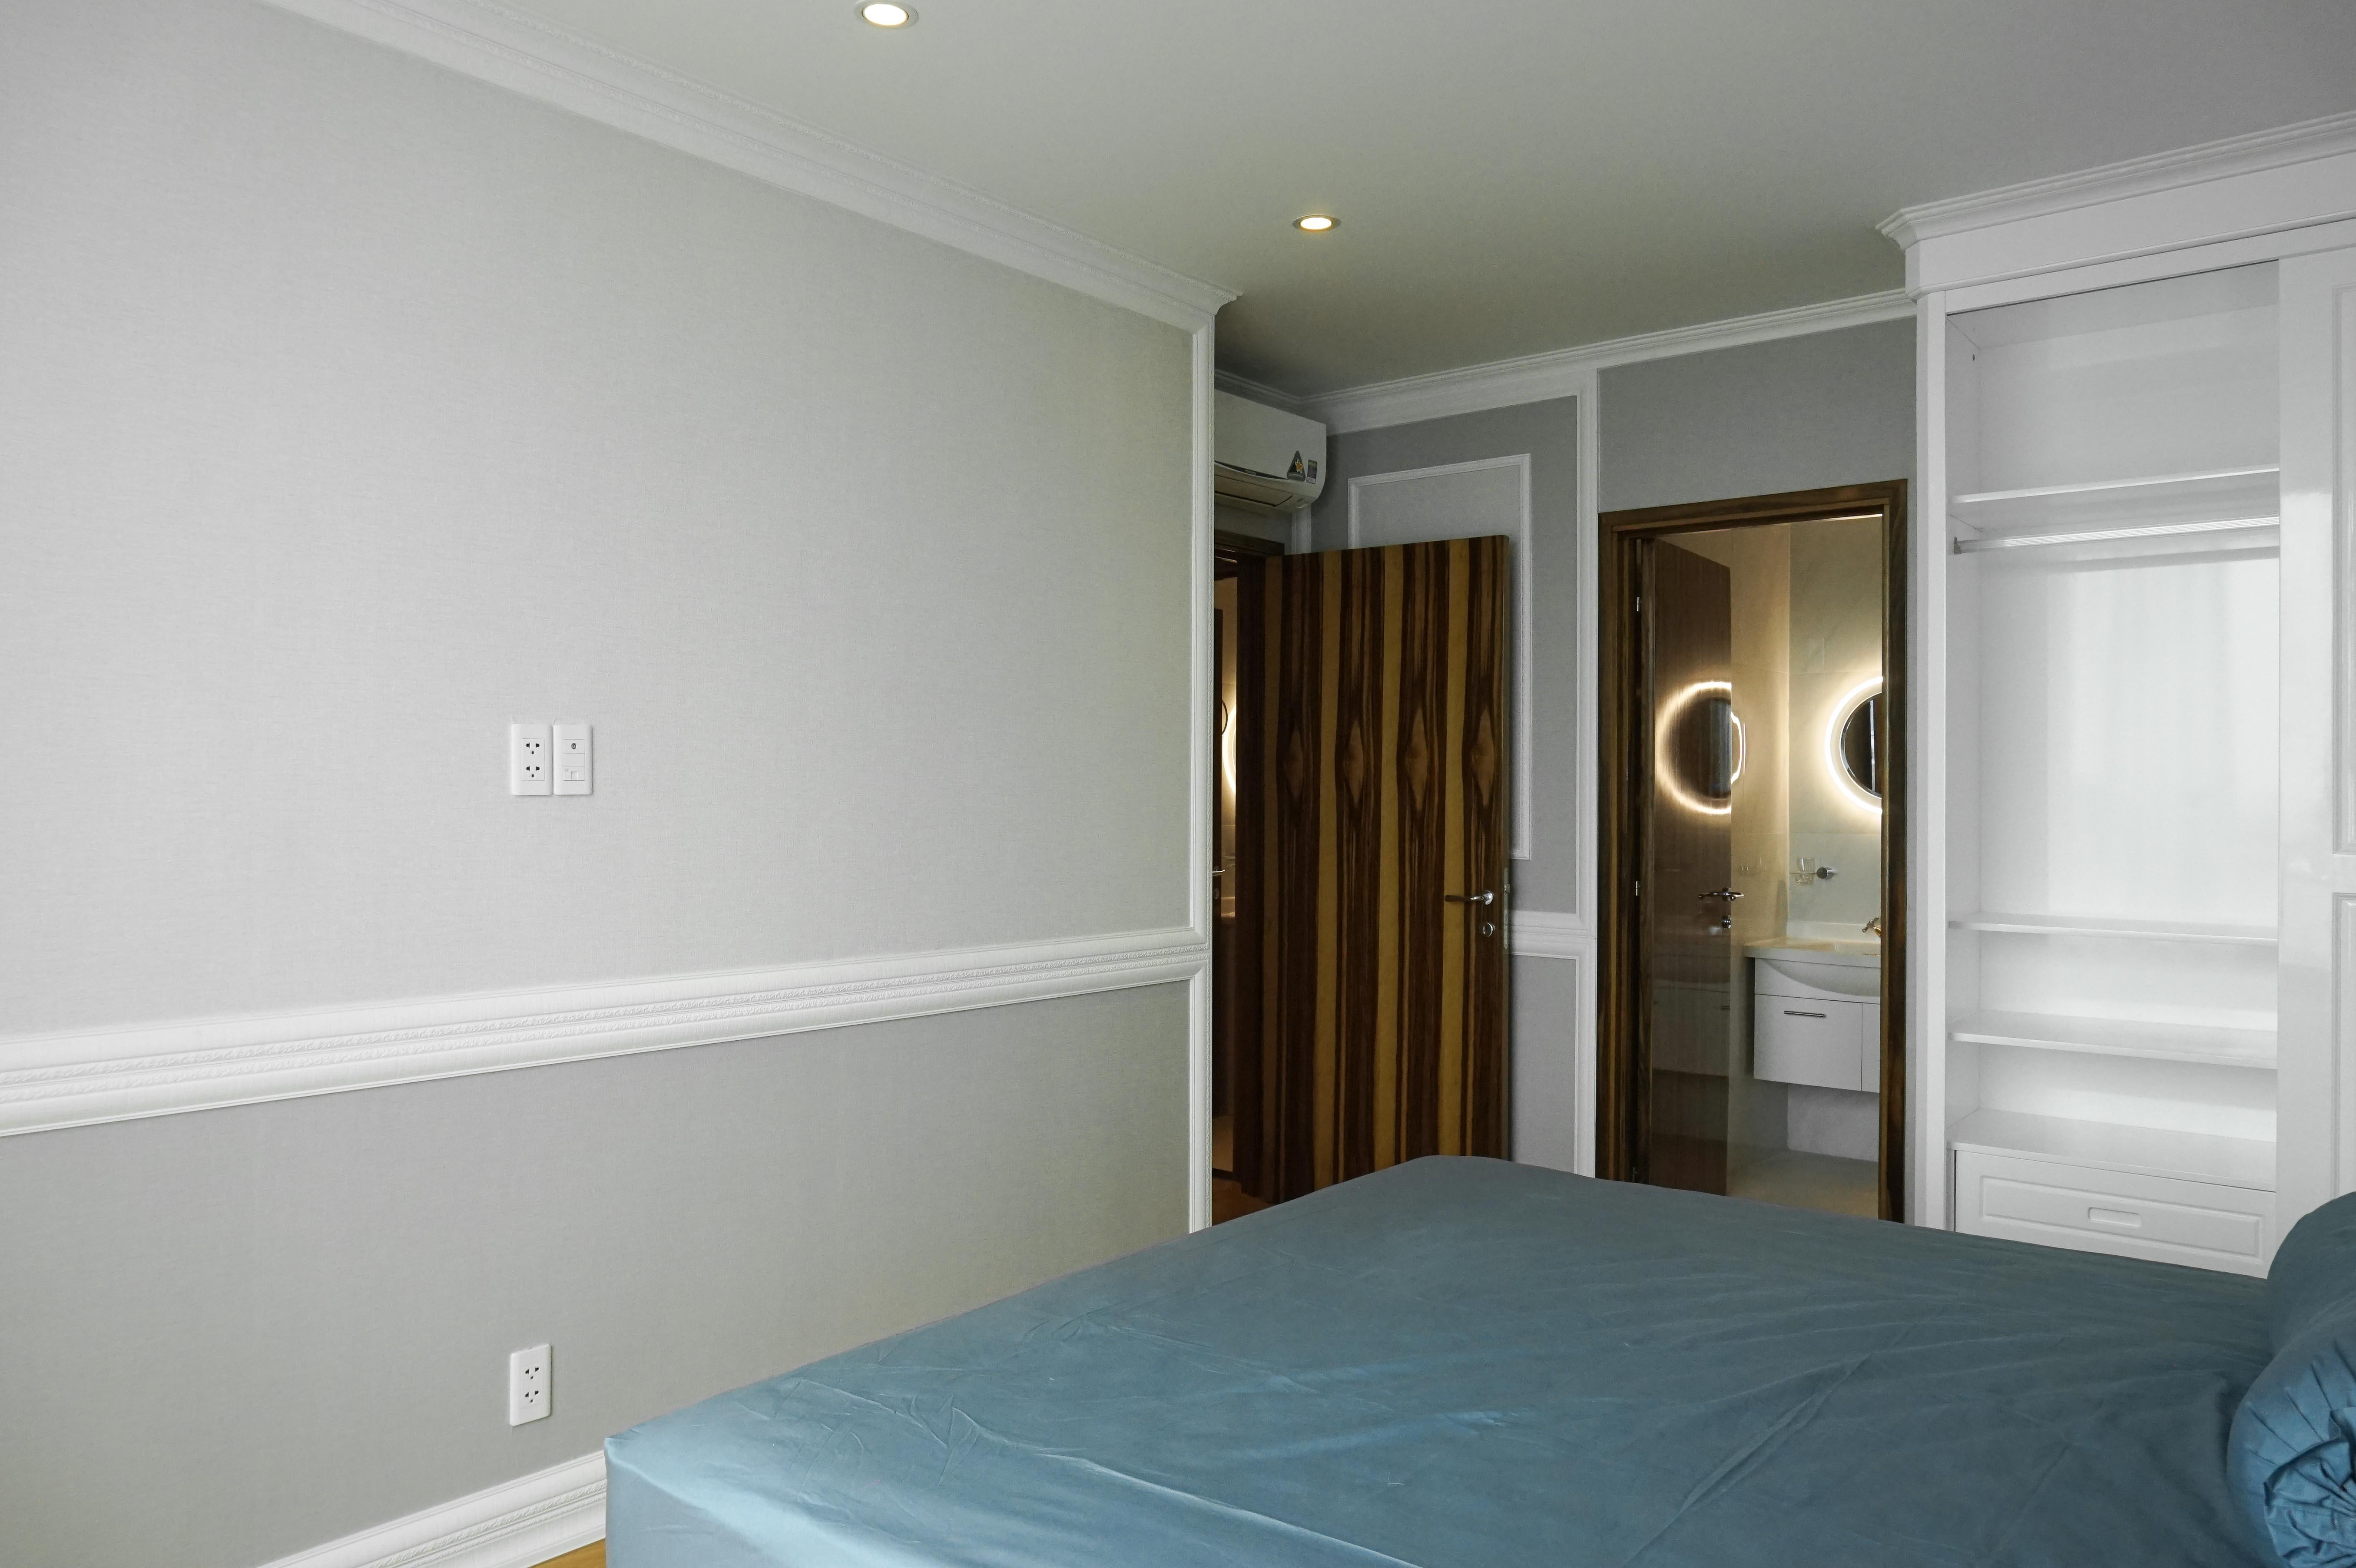 Căn hộ 2 PN Léman Luxury - Đầy Đủ Nội Thất - Căn Hộ Duyên Dáng Và Đầy Đủ Tiện Nghi-10